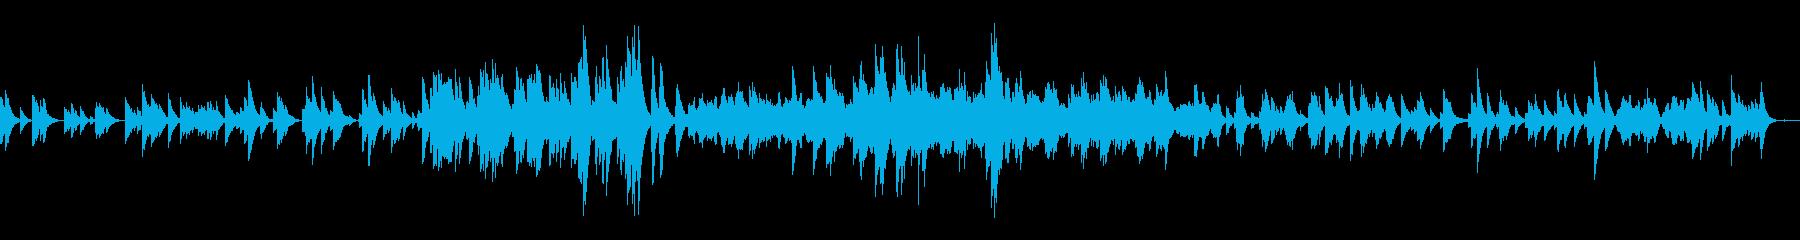 クラシック曲ドビュッシー月の光オルゴールの再生済みの波形